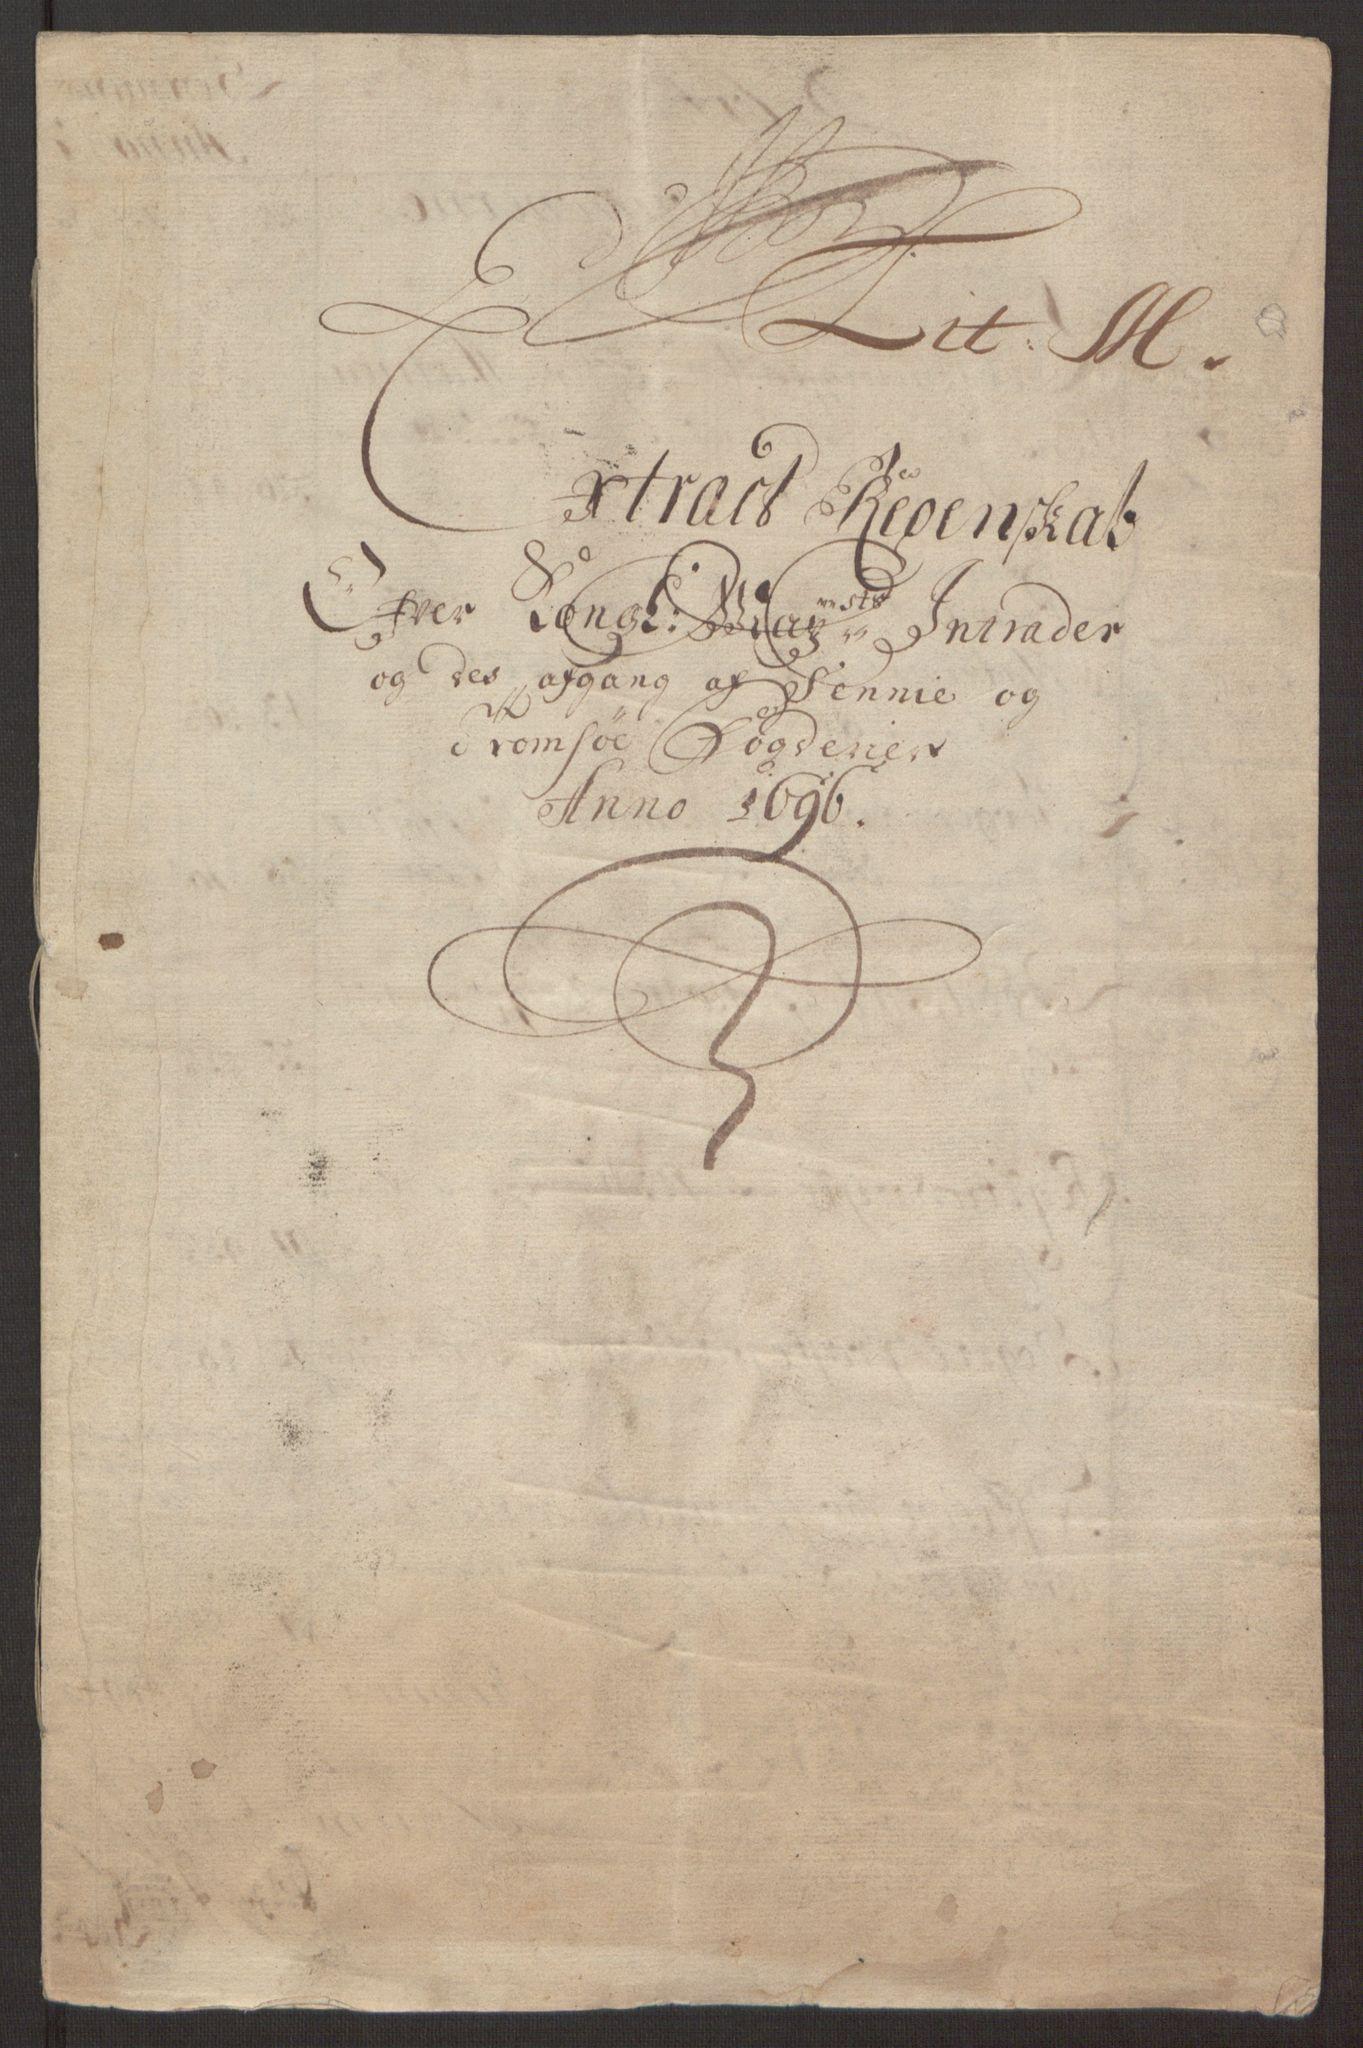 RA, Rentekammeret inntil 1814, Reviderte regnskaper, Fogderegnskap, R68/L4753: Fogderegnskap Senja og Troms, 1694-1696, s. 229